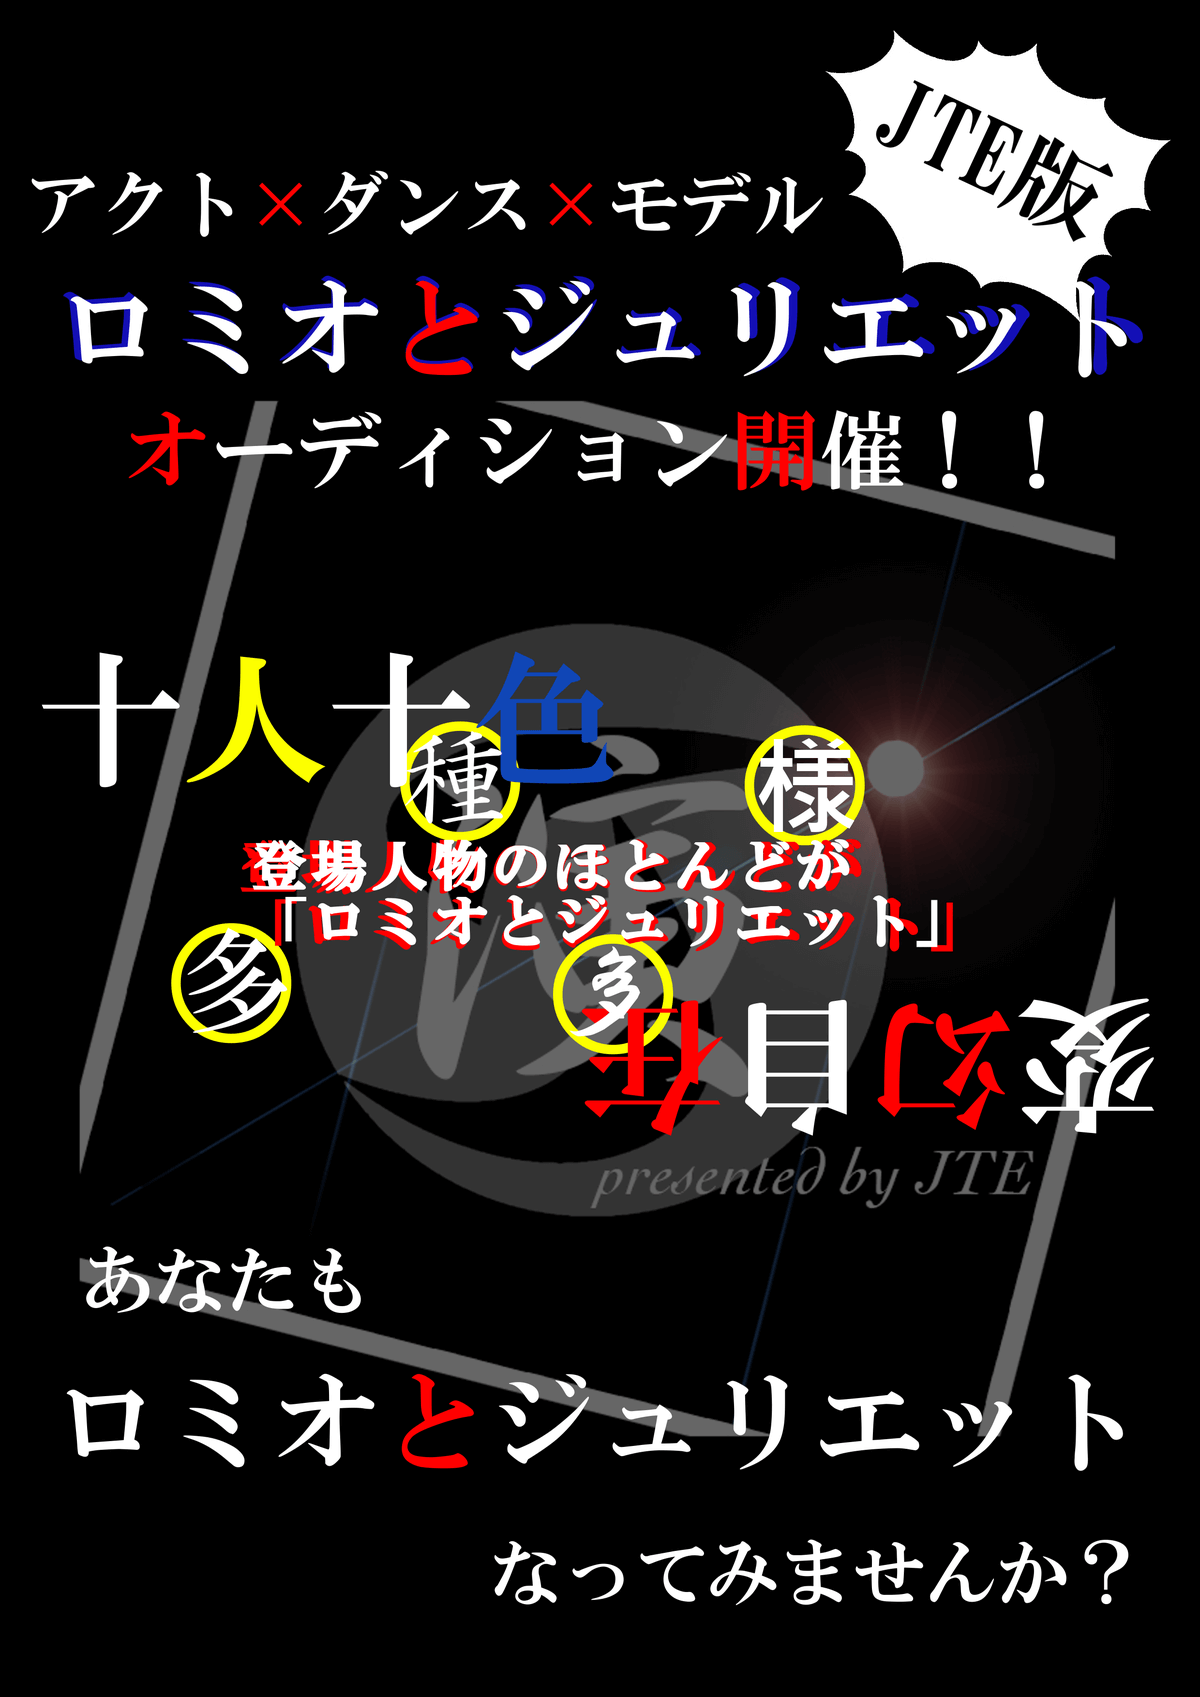 【大阪舞台】『演』~en~ vol,13 アクト×ダンス×モデル JTE版「ロミオとジュリエット」